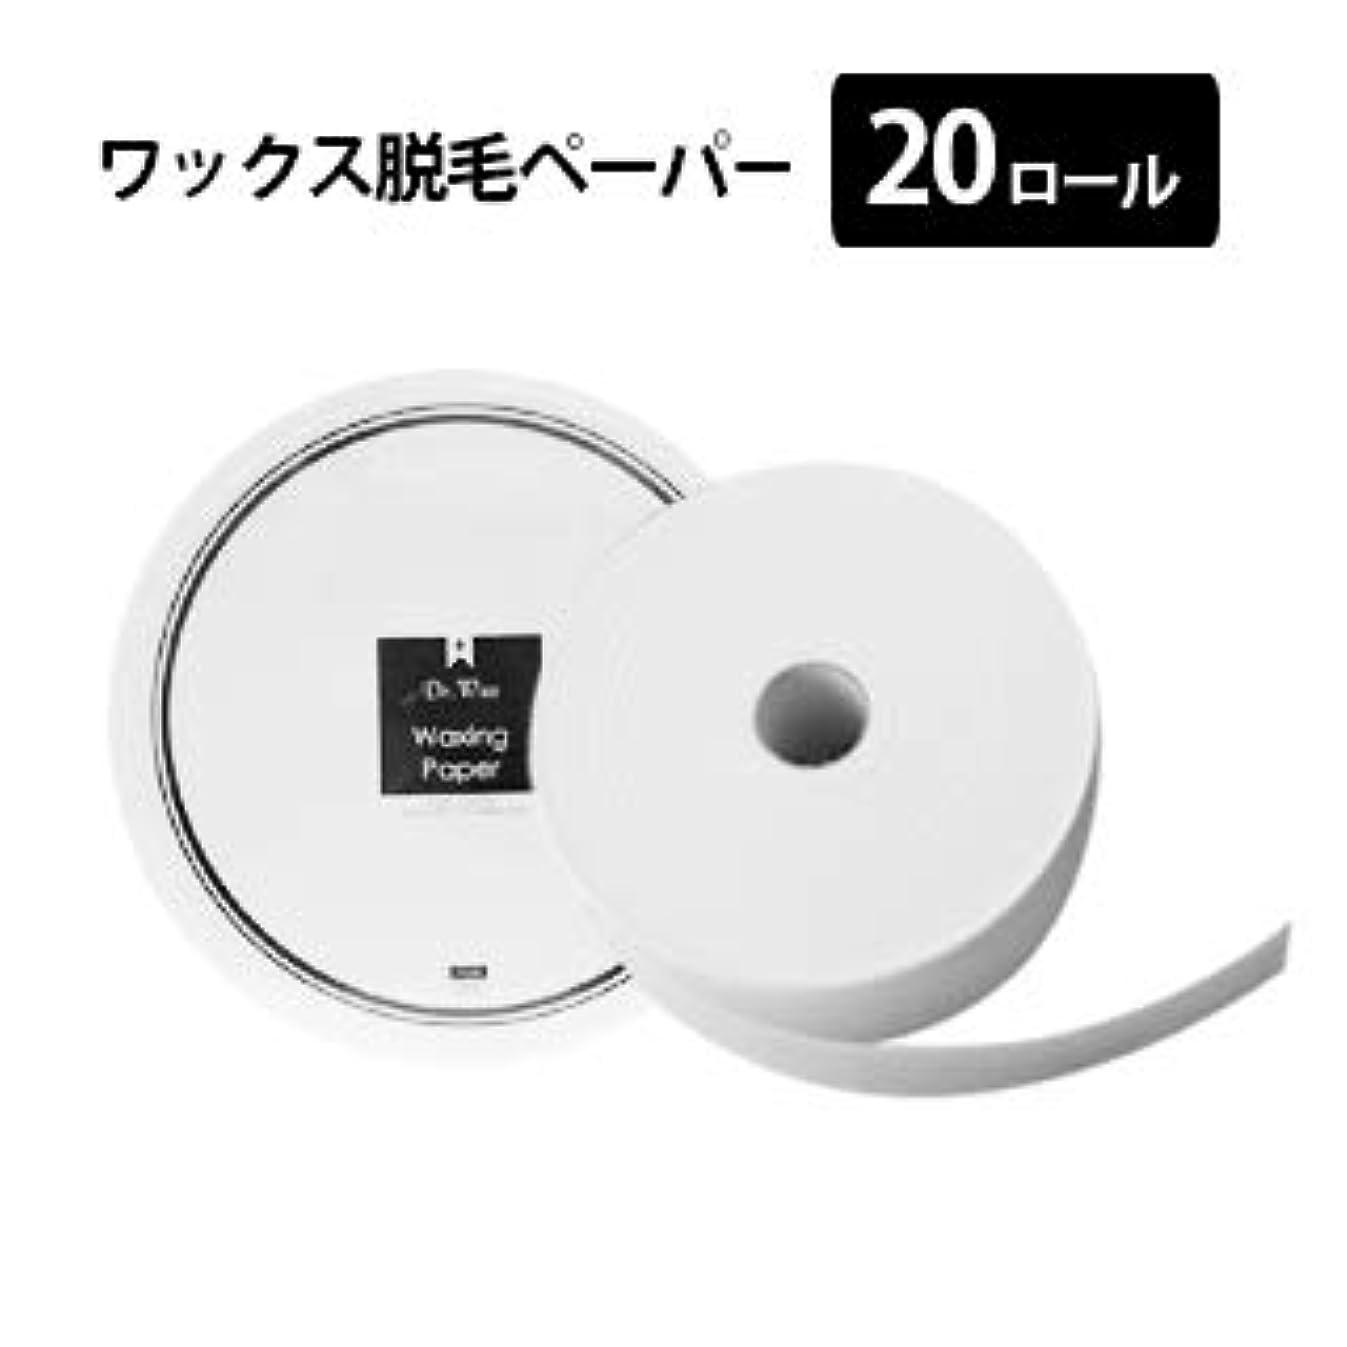 ボトル時代くぼみ【20ロール】ワックスロールペーパー 7cm スパンレース素材